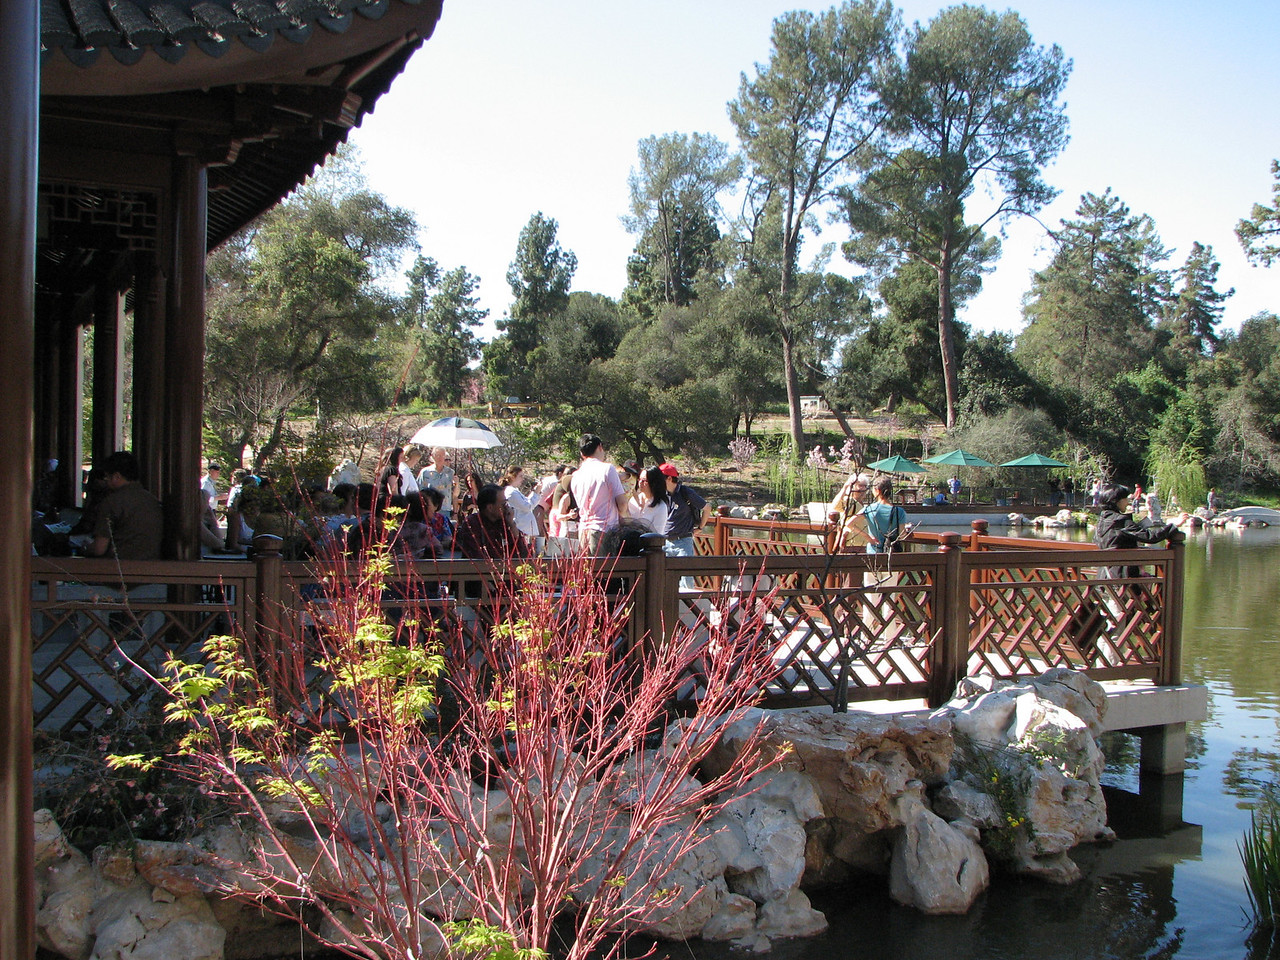 2008 03 09 Sun - New Chinese garden - Yuchun photo 2